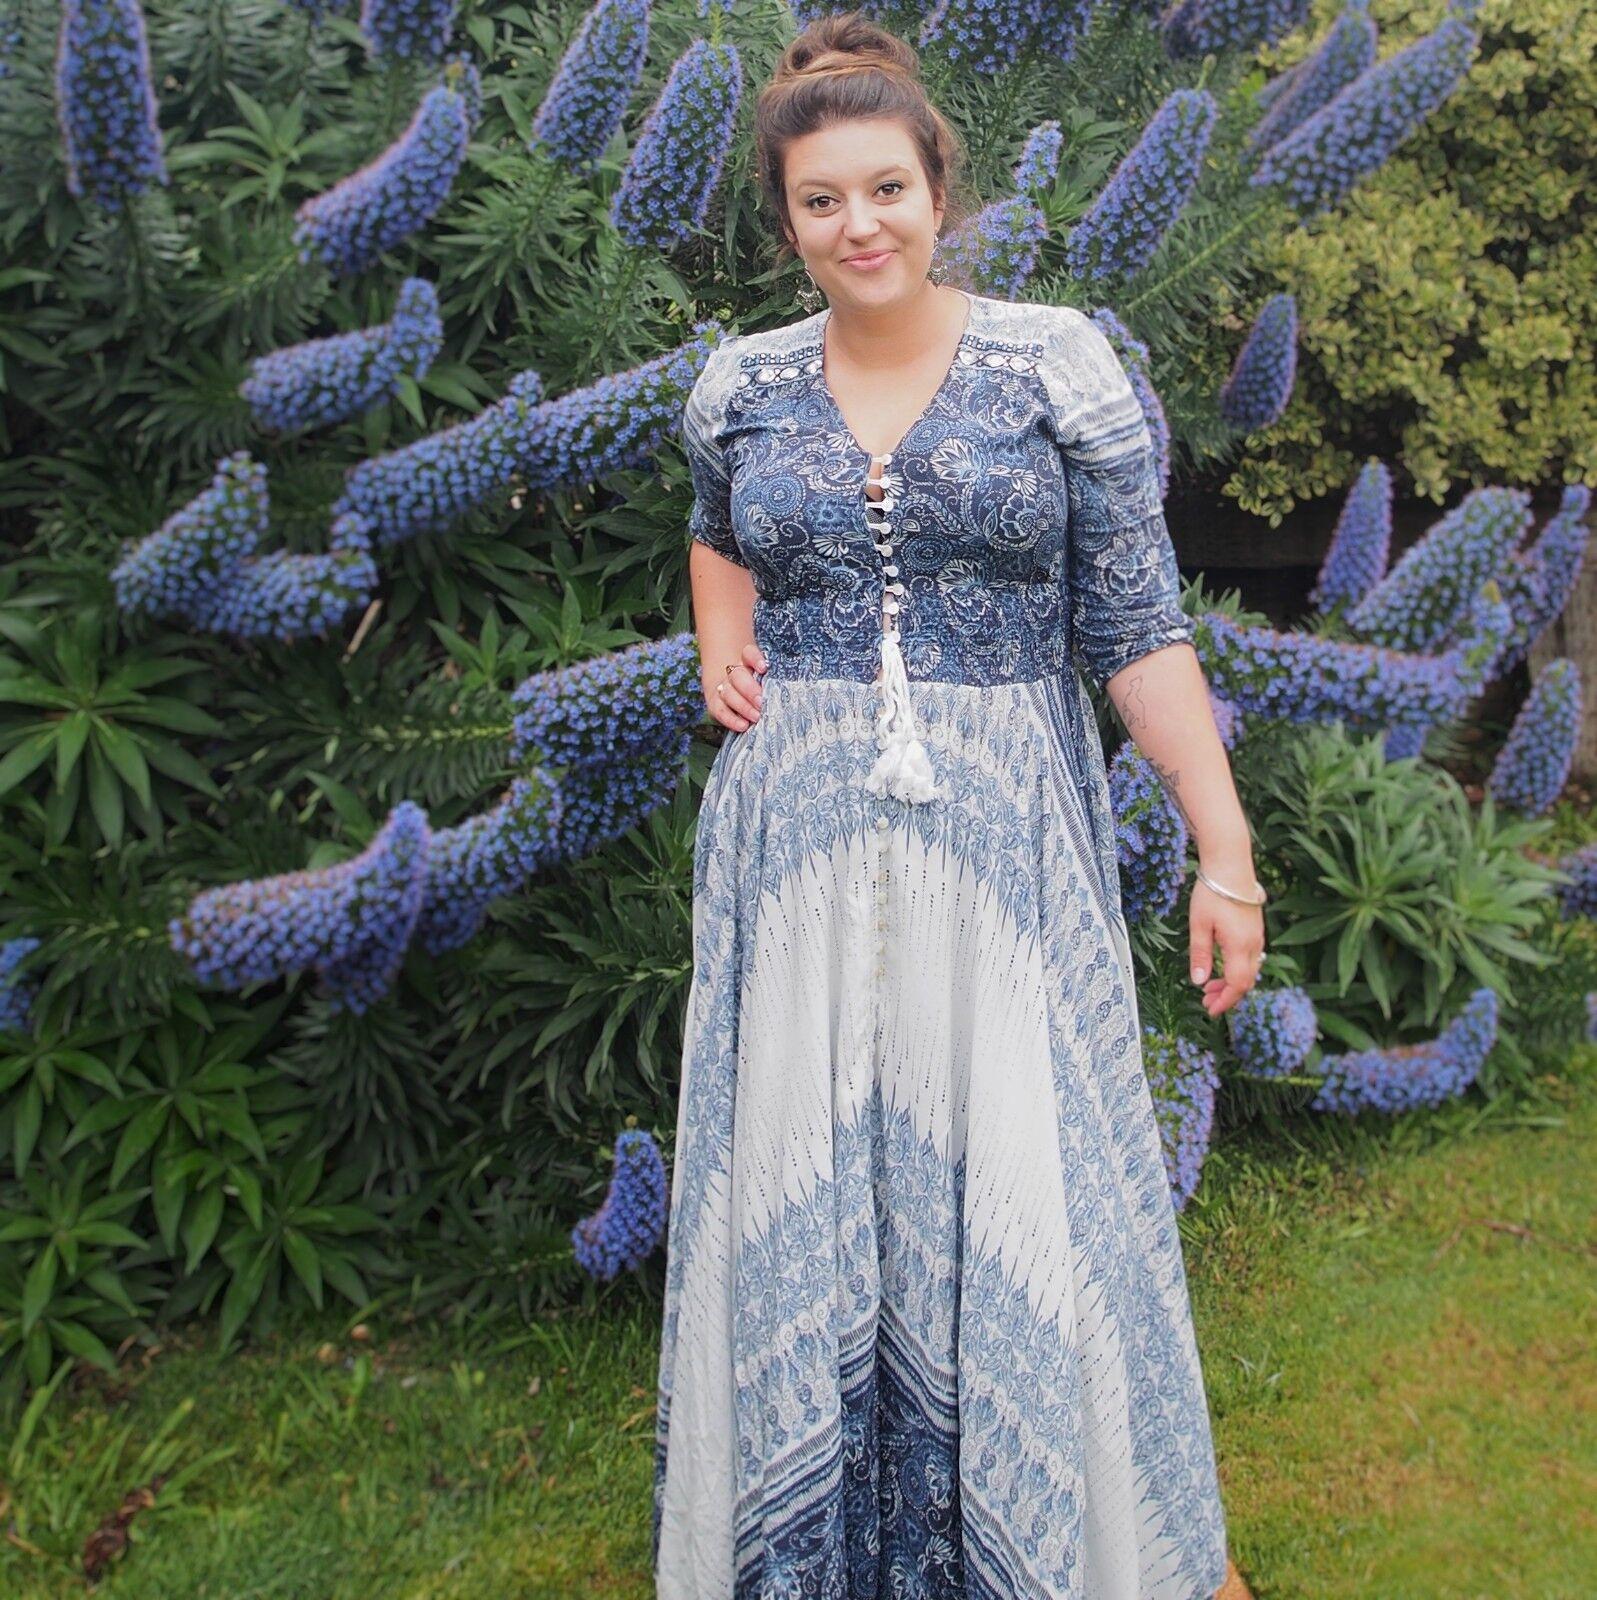 JAASE damen INDIANA MAXI DRESS LEONA PRINT GrößeS XS-XL